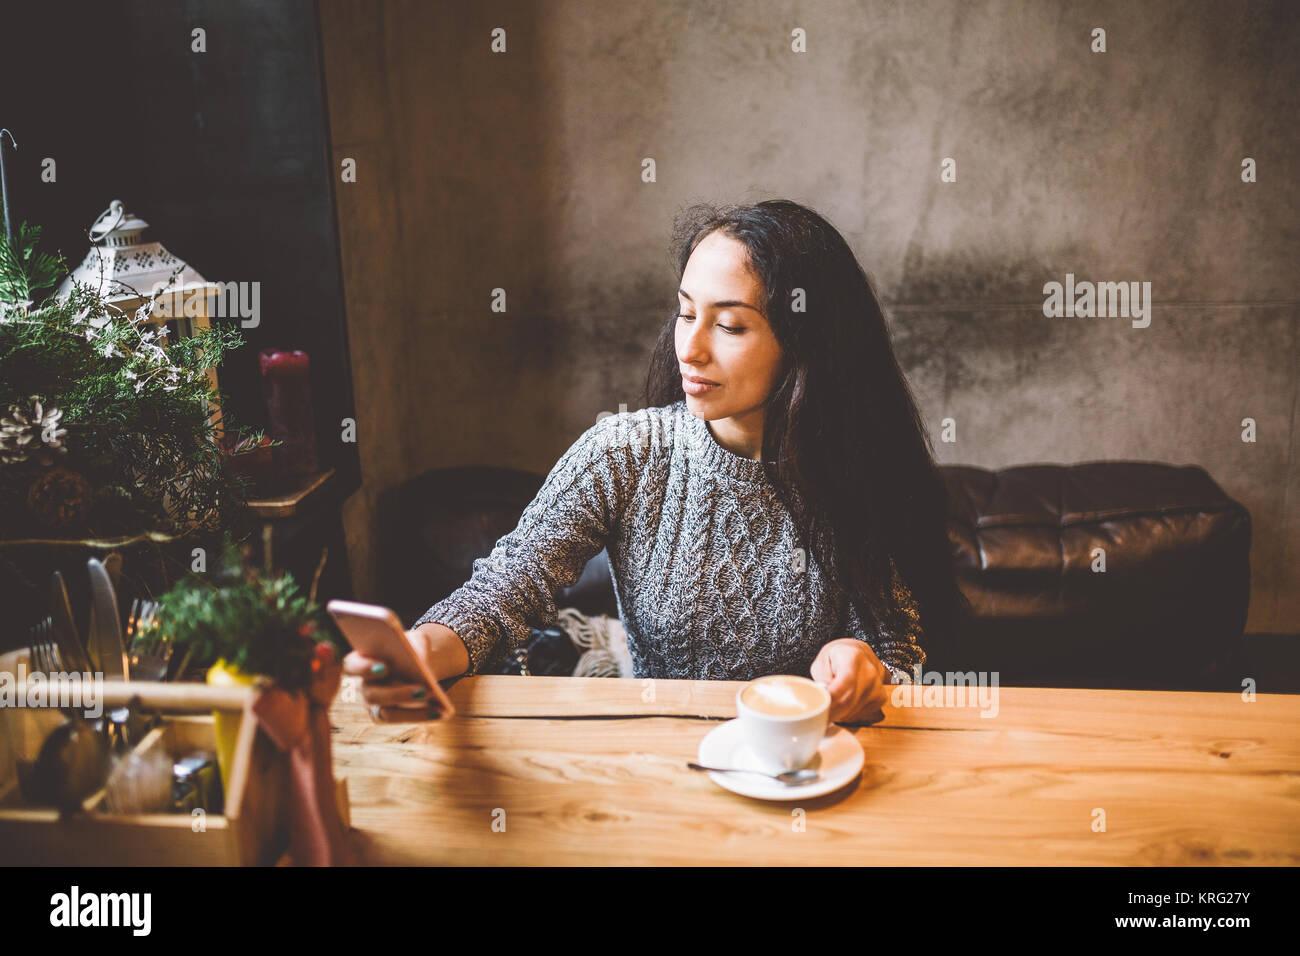 Bella ragazza giovane utilizza, tipi di testo su un telefono cellulare a un tavolo di legno vicino alla finestra Immagini Stock